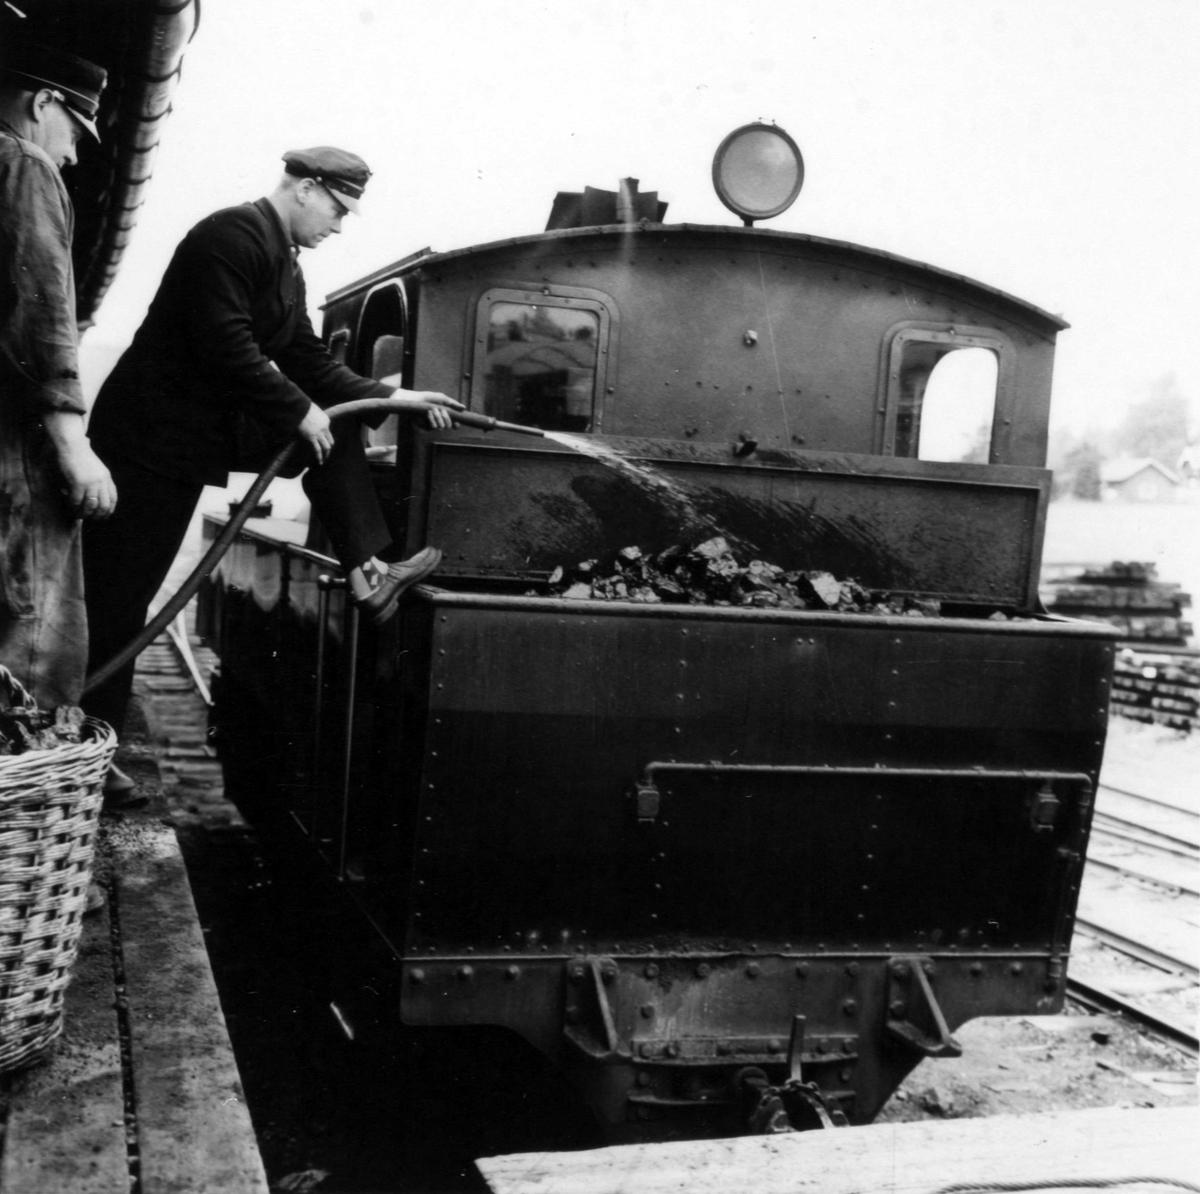 Kullfylling under oppholdet på Bjørkelangen. Vanning av kull for å unngå støv.